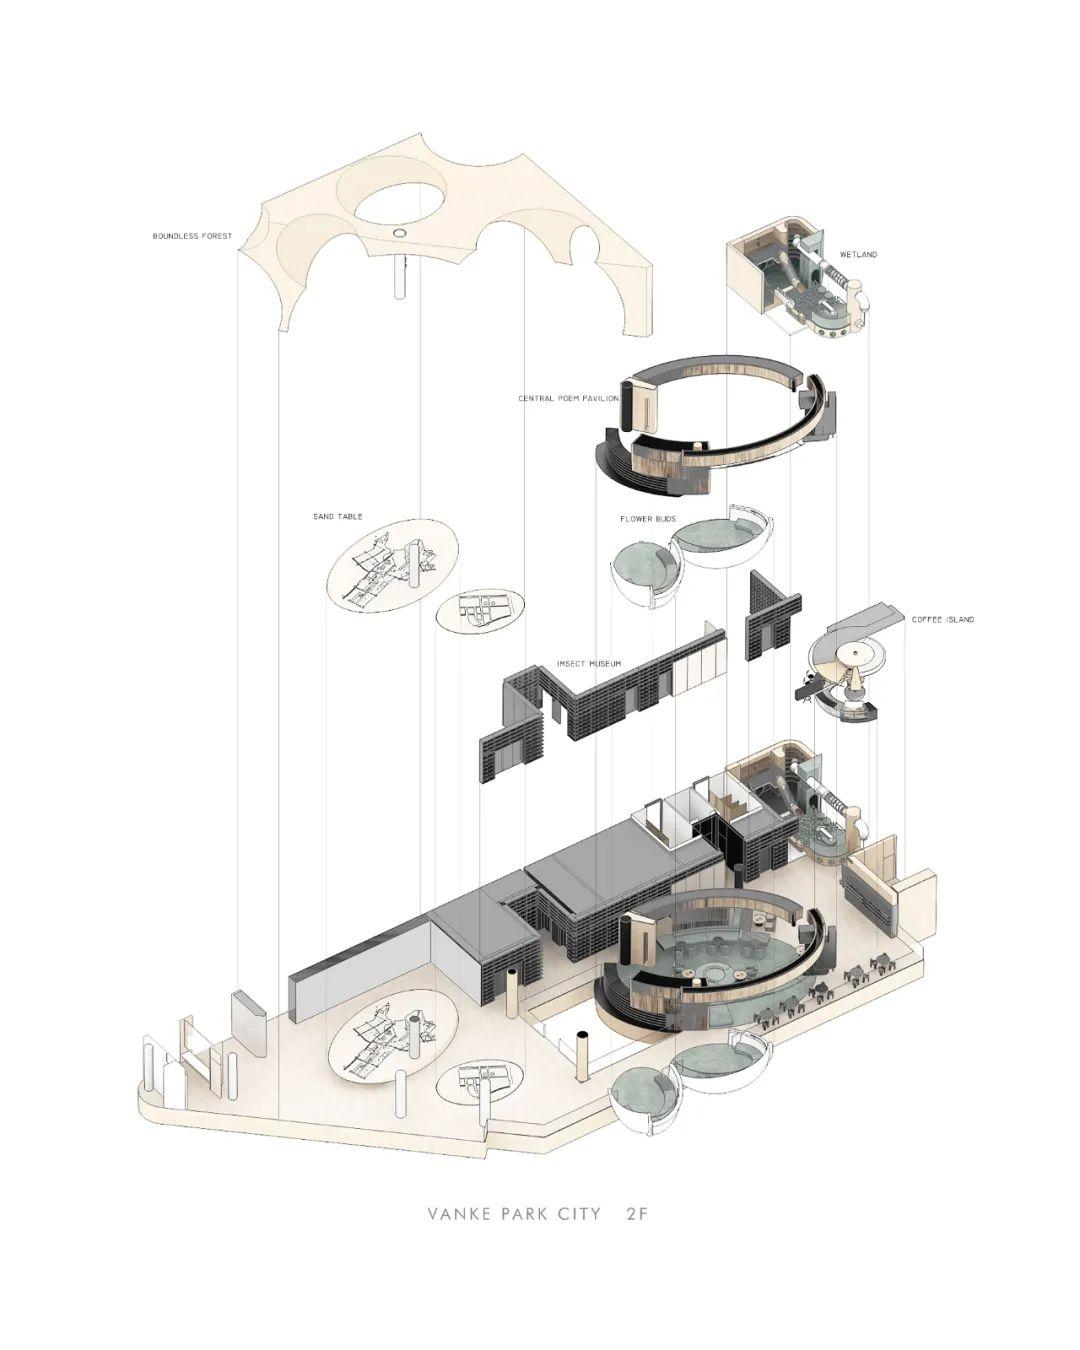 云南万科公园城市超级示范区 室内设计 /  PONE普利策